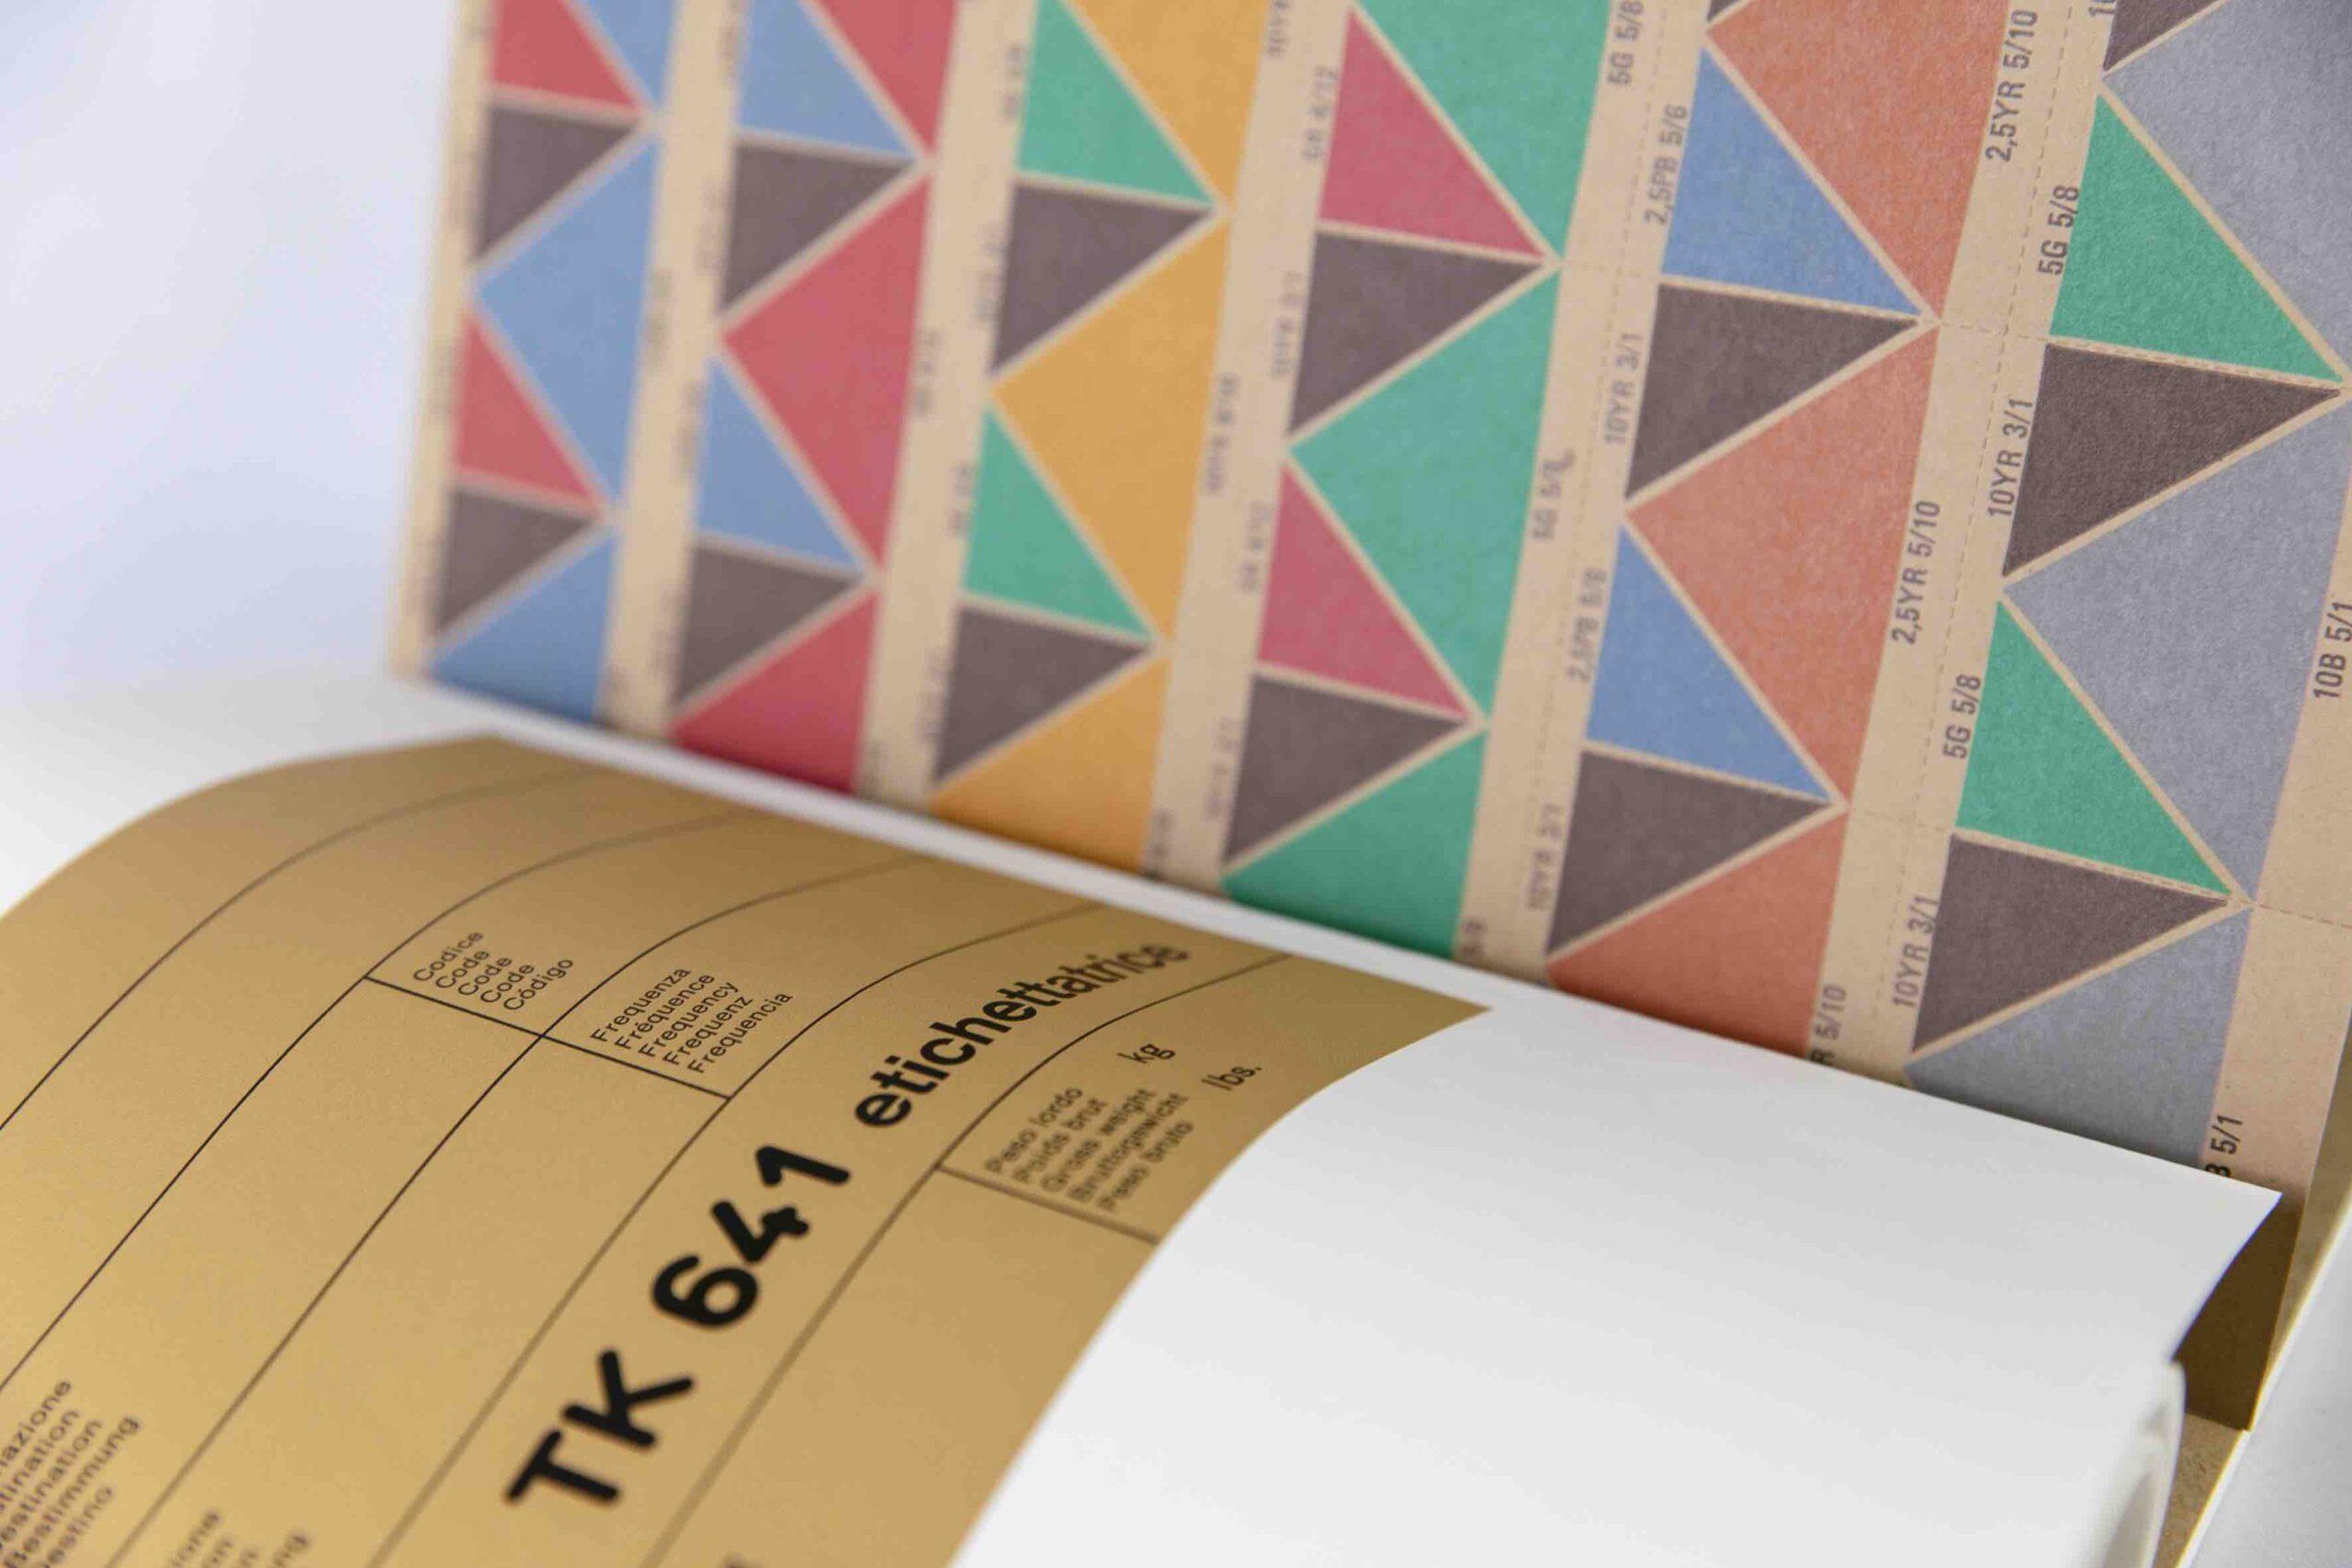 Olivetti Design Contest 2020/2021_AASO Olivetti servizio di corporate image sistemi di identificazione Guccione 3644 scaled